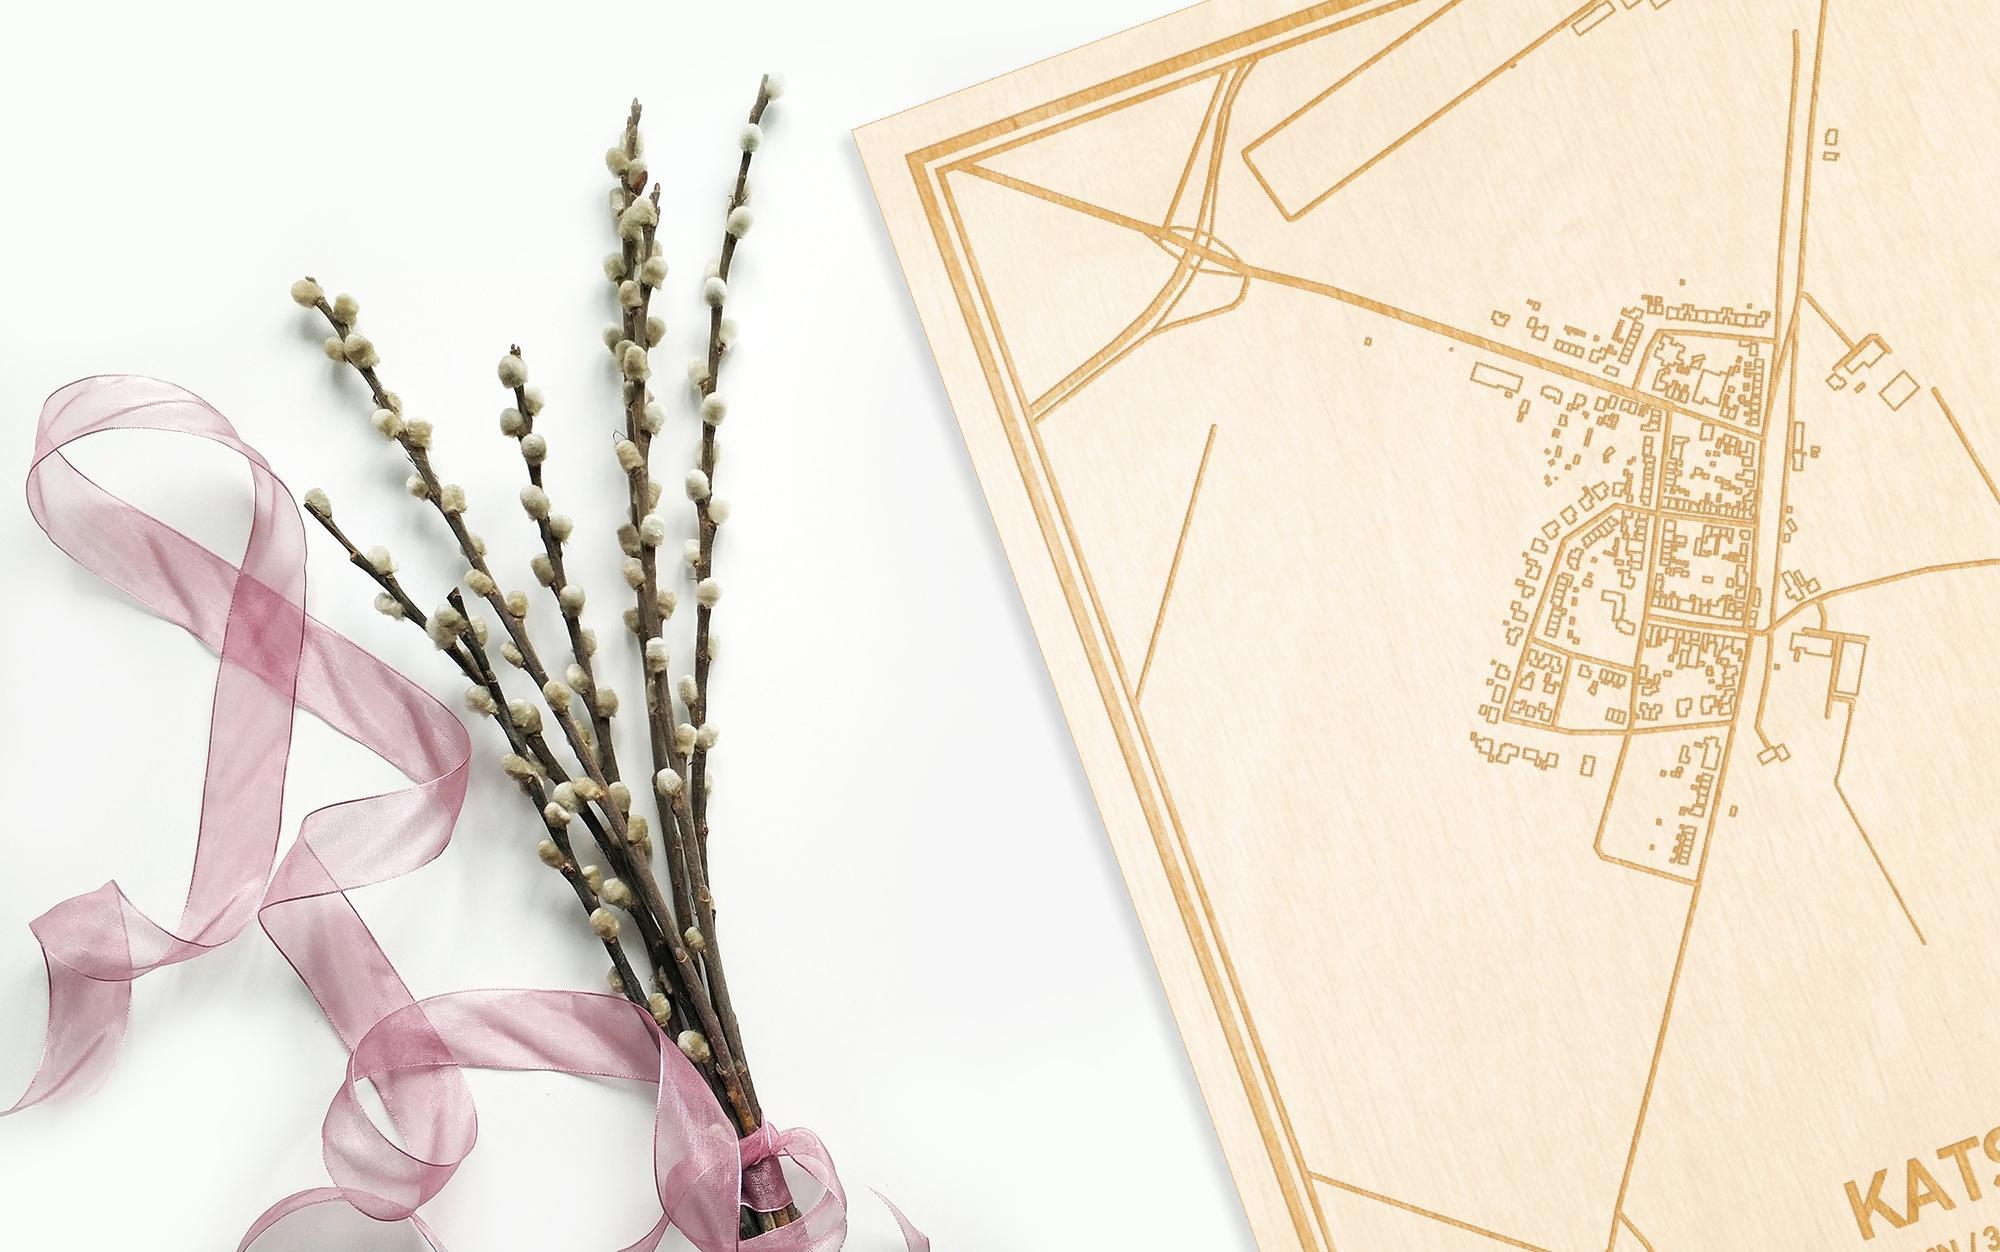 Hier ligt de houten plattegrond Kats naast een bloemetje als gepersonaliseerd cadeau voor haar.